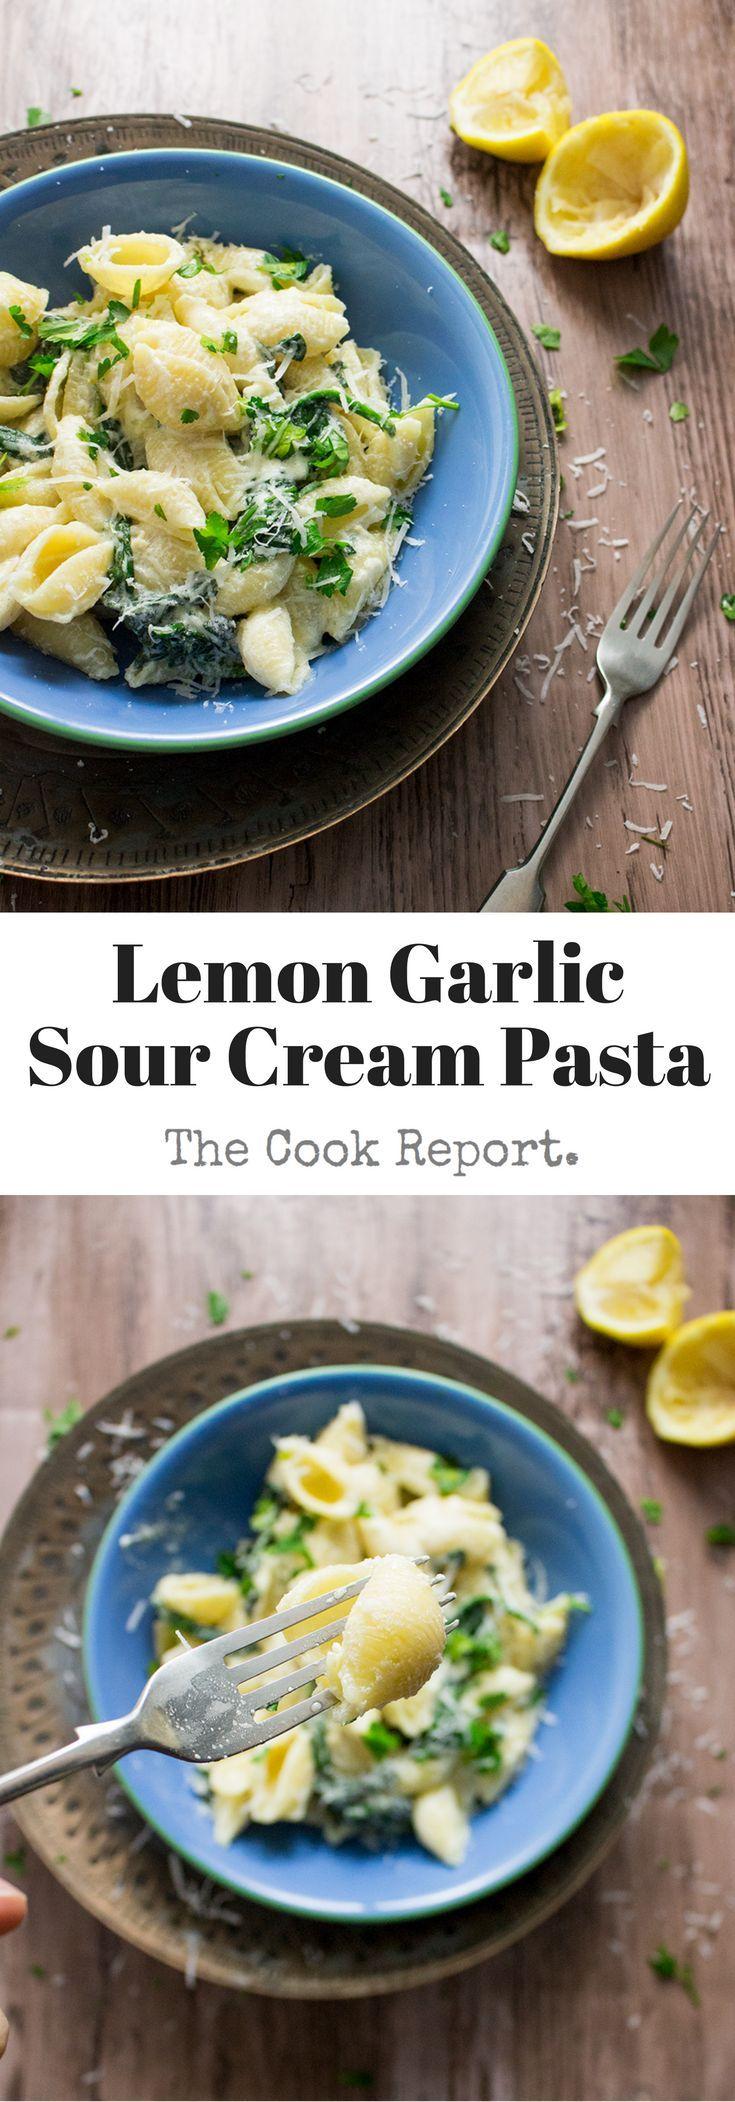 Lemon Garlic Sour Cream Pasta